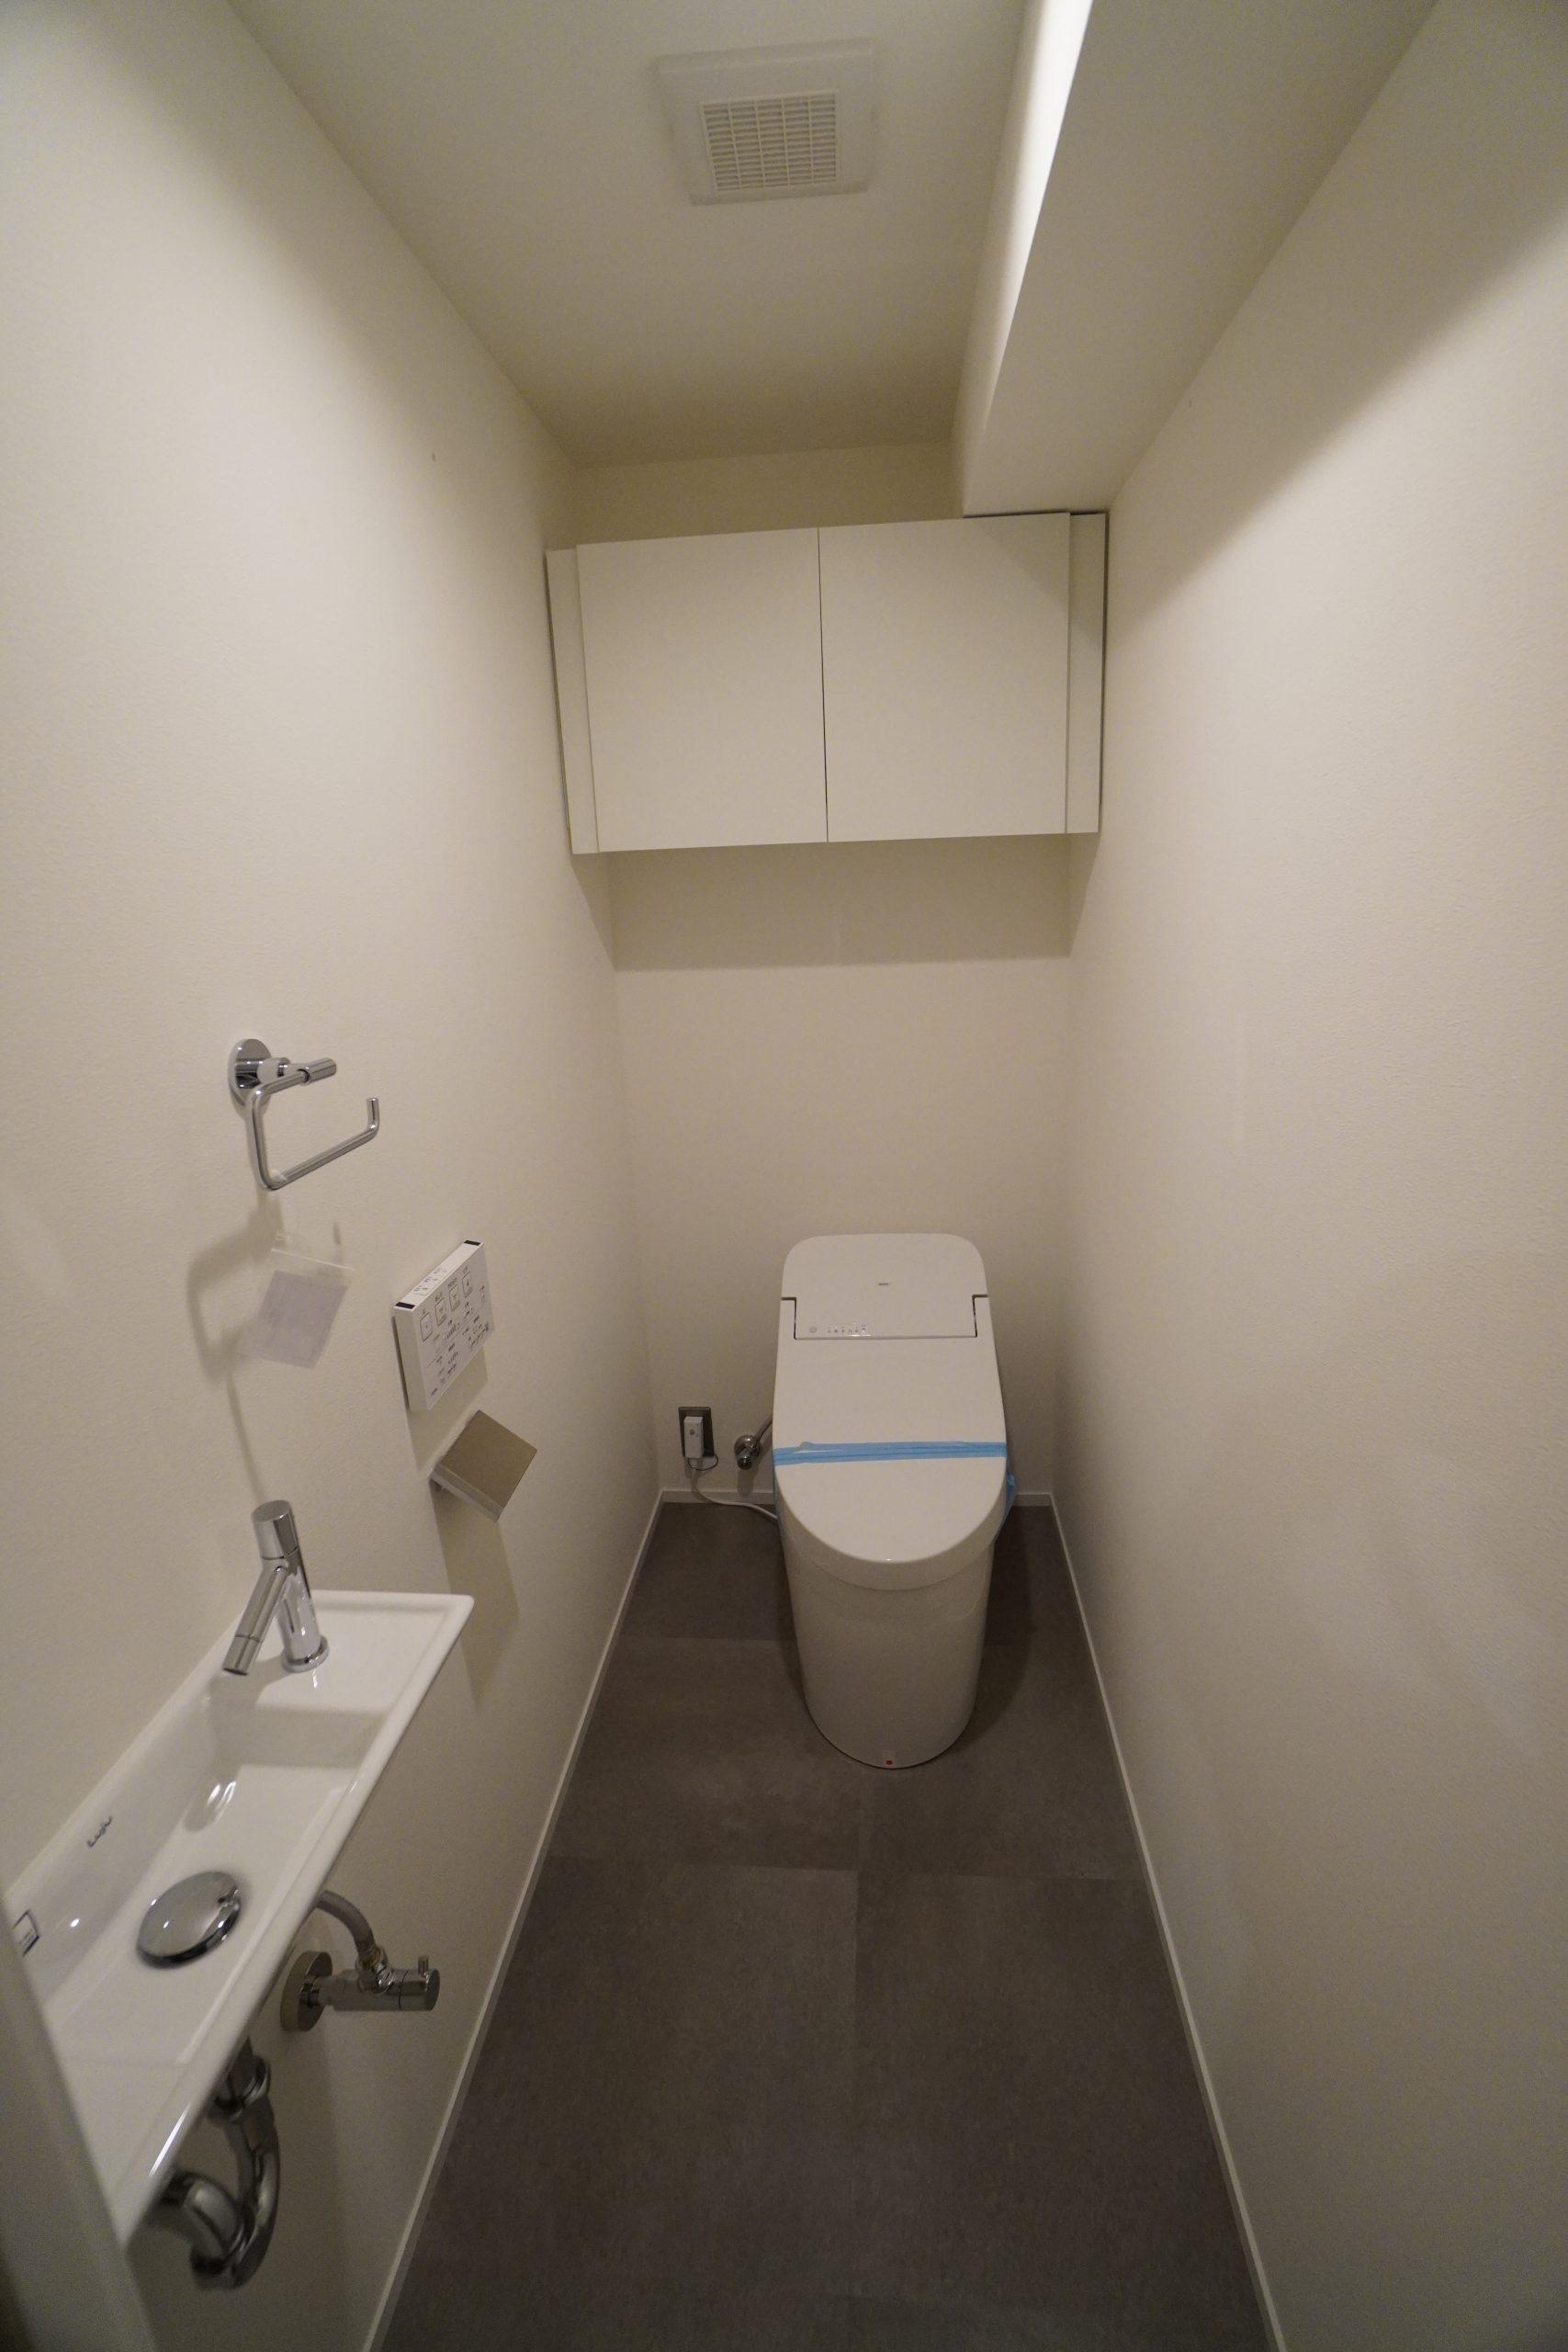 ハラダサンパークマンション恵比寿台の写真9